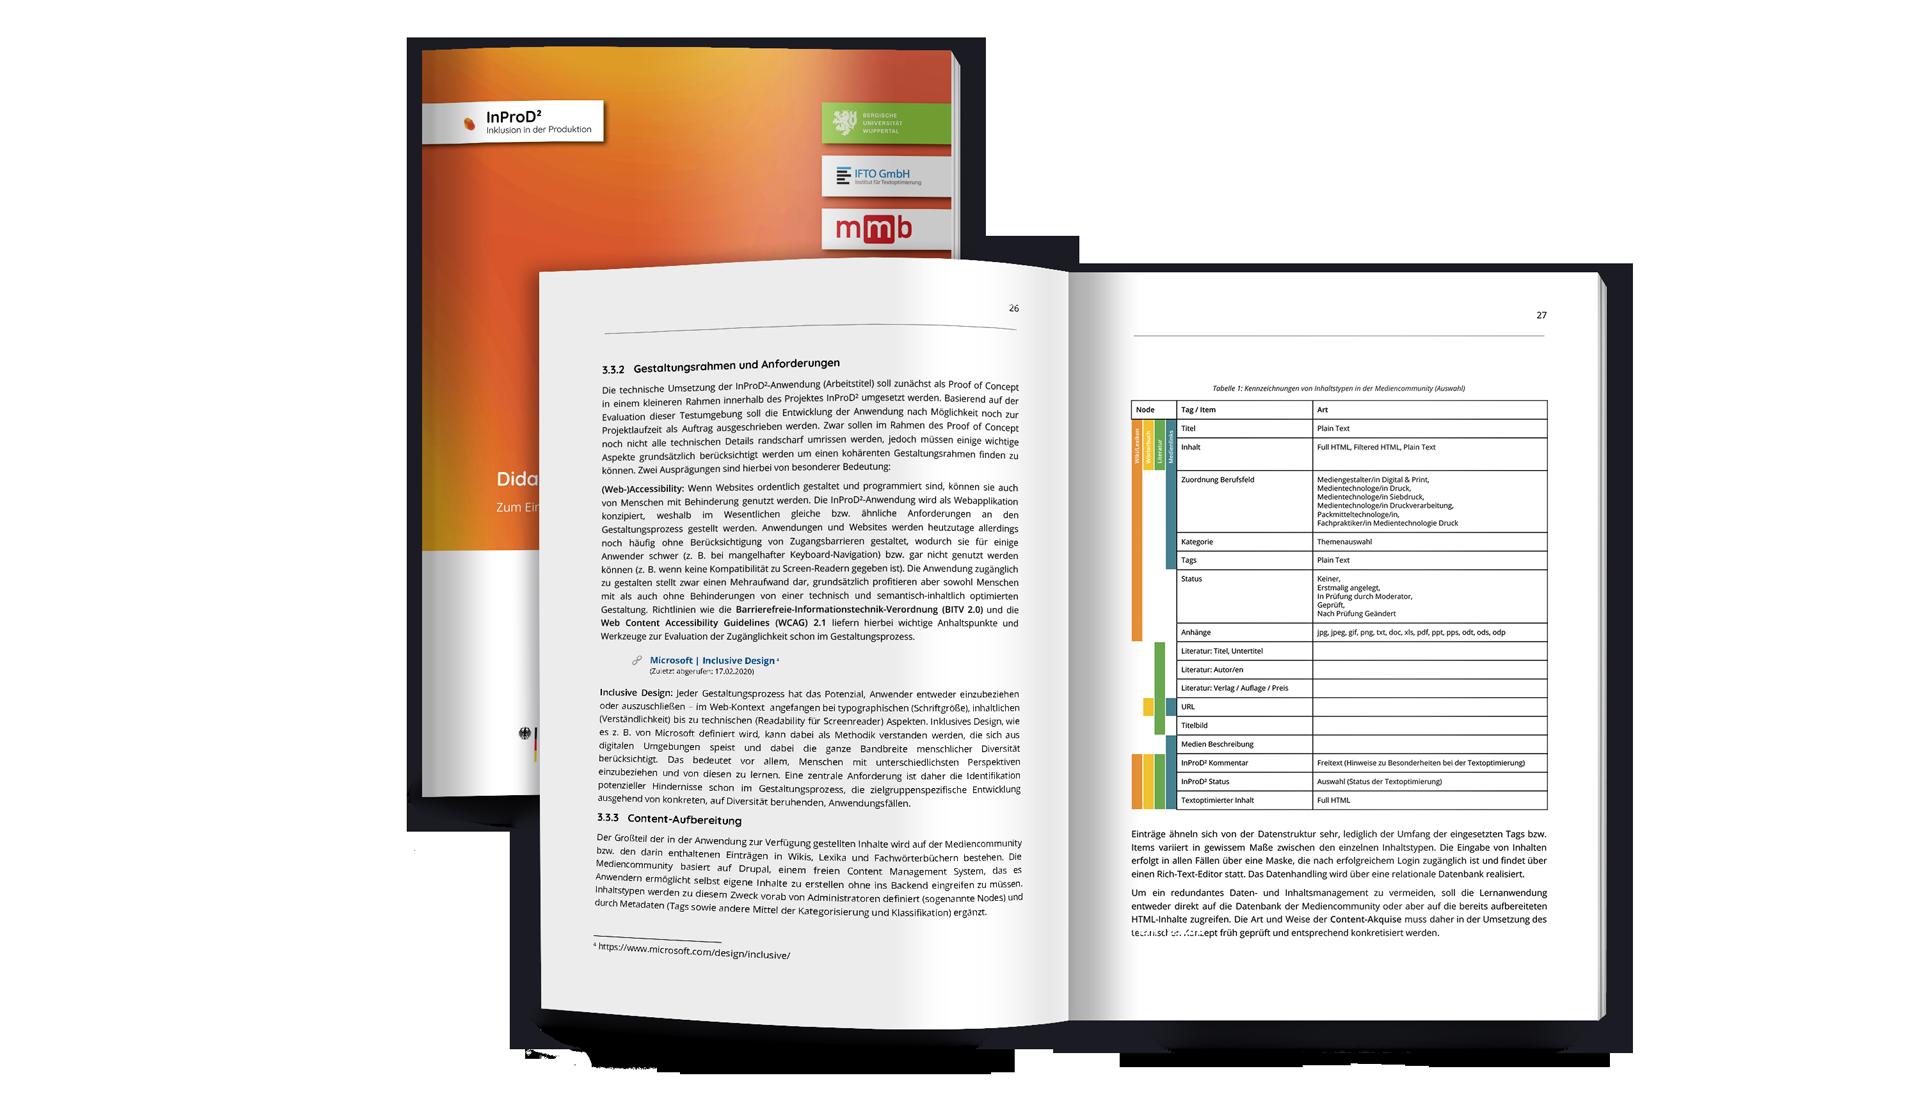 Mockup des technisch-didaktischen Konzepts als Broschüre, einmal geschlossen, darüber eine aufgeschlagene Version